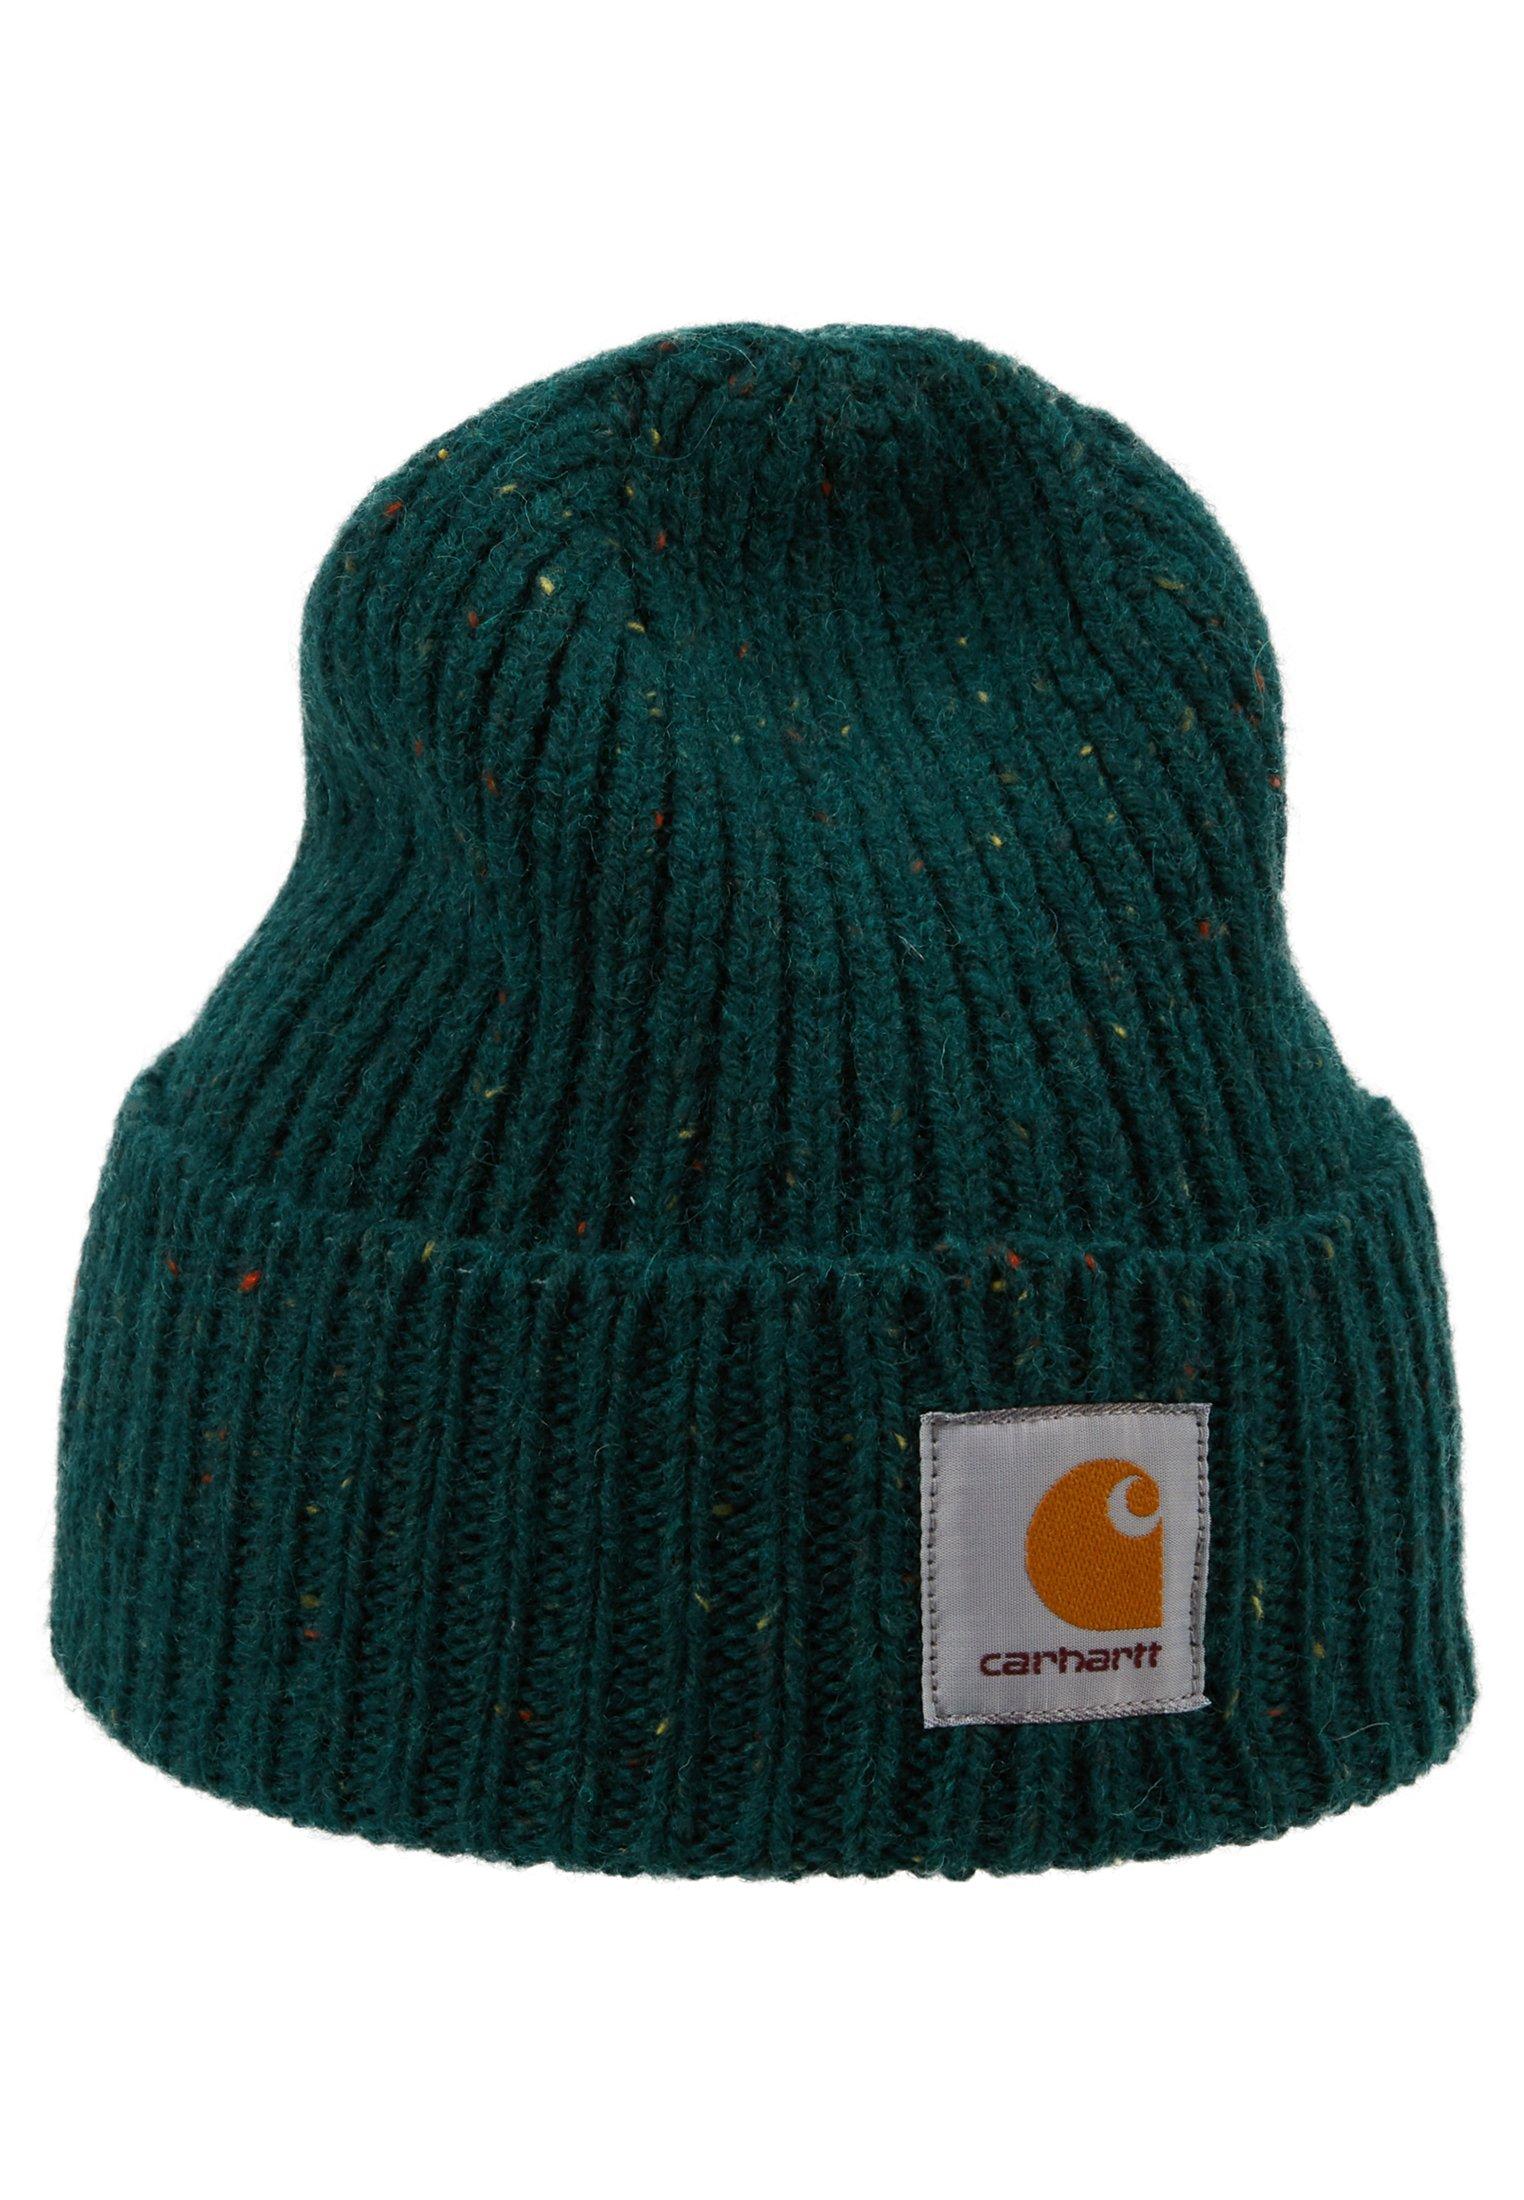 Carhartt Wip Anglistic Beanie - Mütze Bottle Green Heather/dunkelgrün